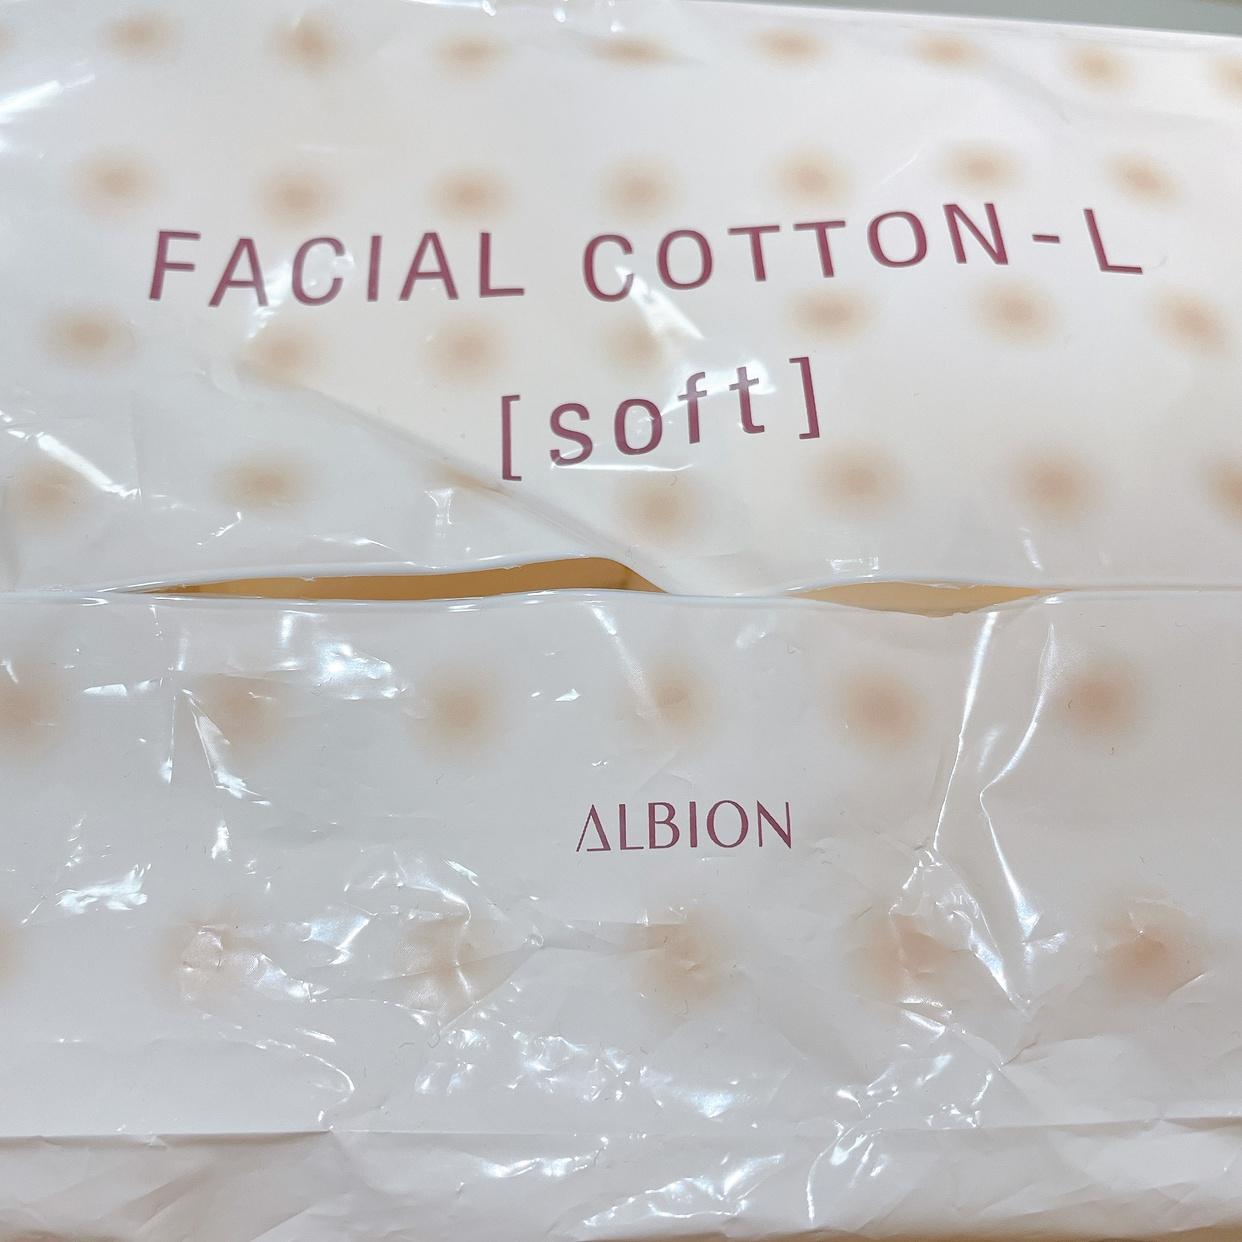 ALBION(アルビオン)エクサージュホワイト ホワイトライズ ミルク Ⅱを使ったゆっちんさんのクチコミ画像3